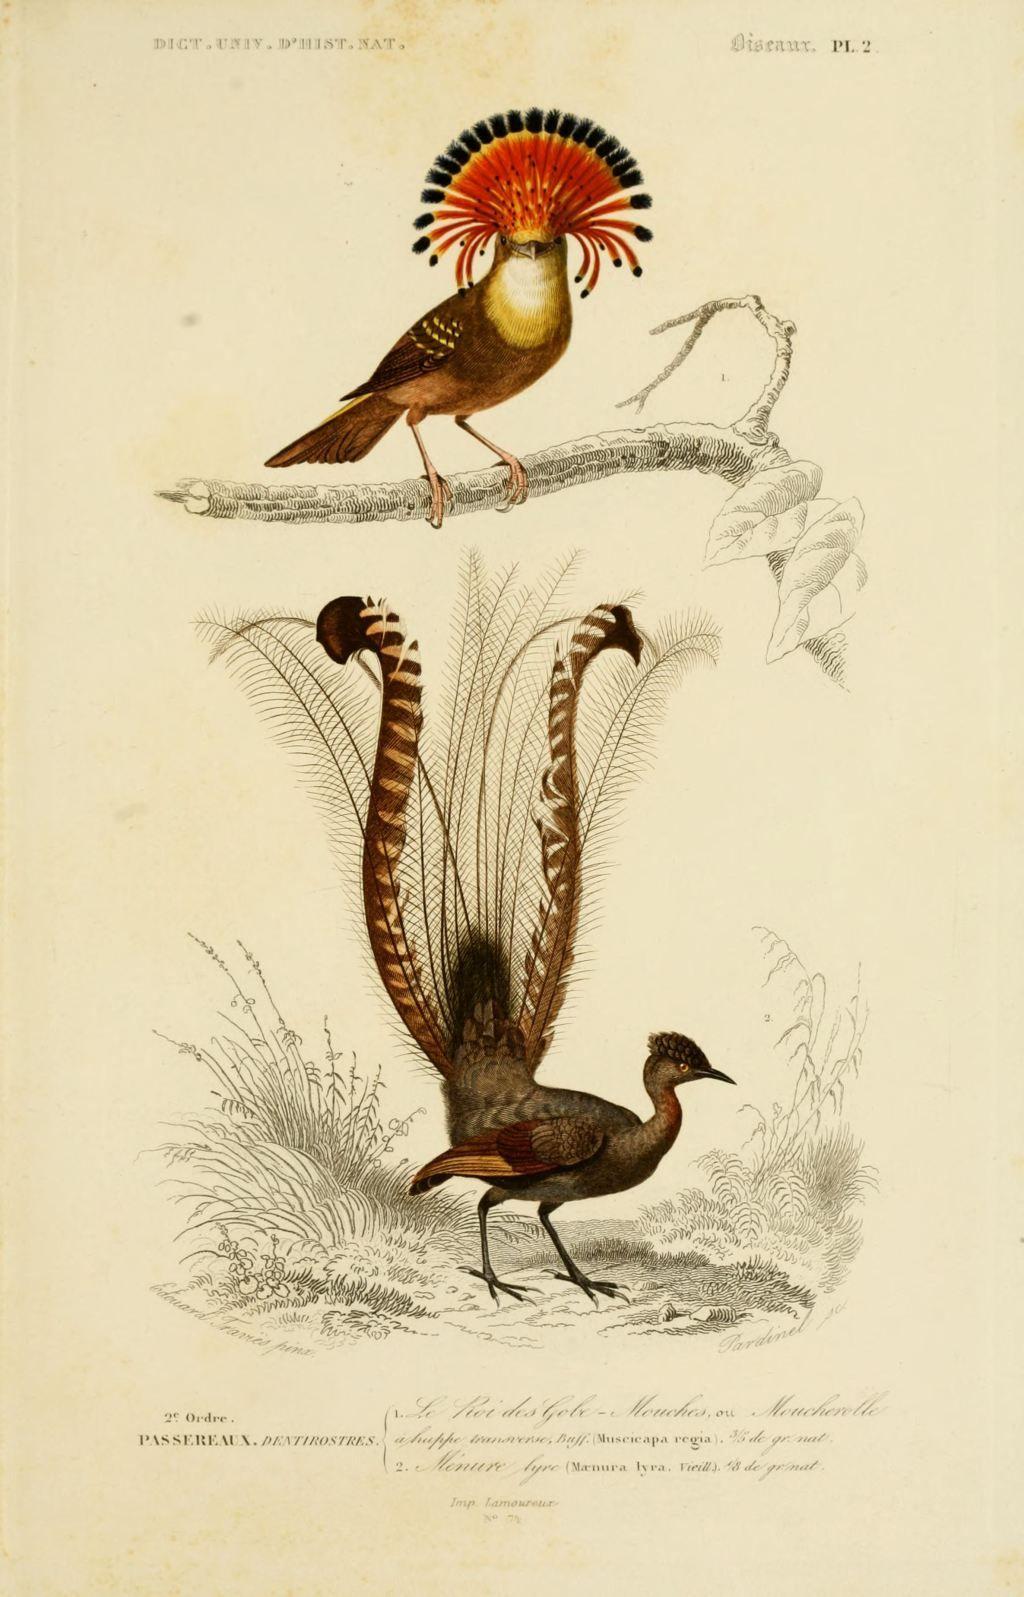 Gravures couleur d 39 oiseaux gravure oiseau 0177 menure lyre maenura lyra passereau - Oiseau mouche dessin ...